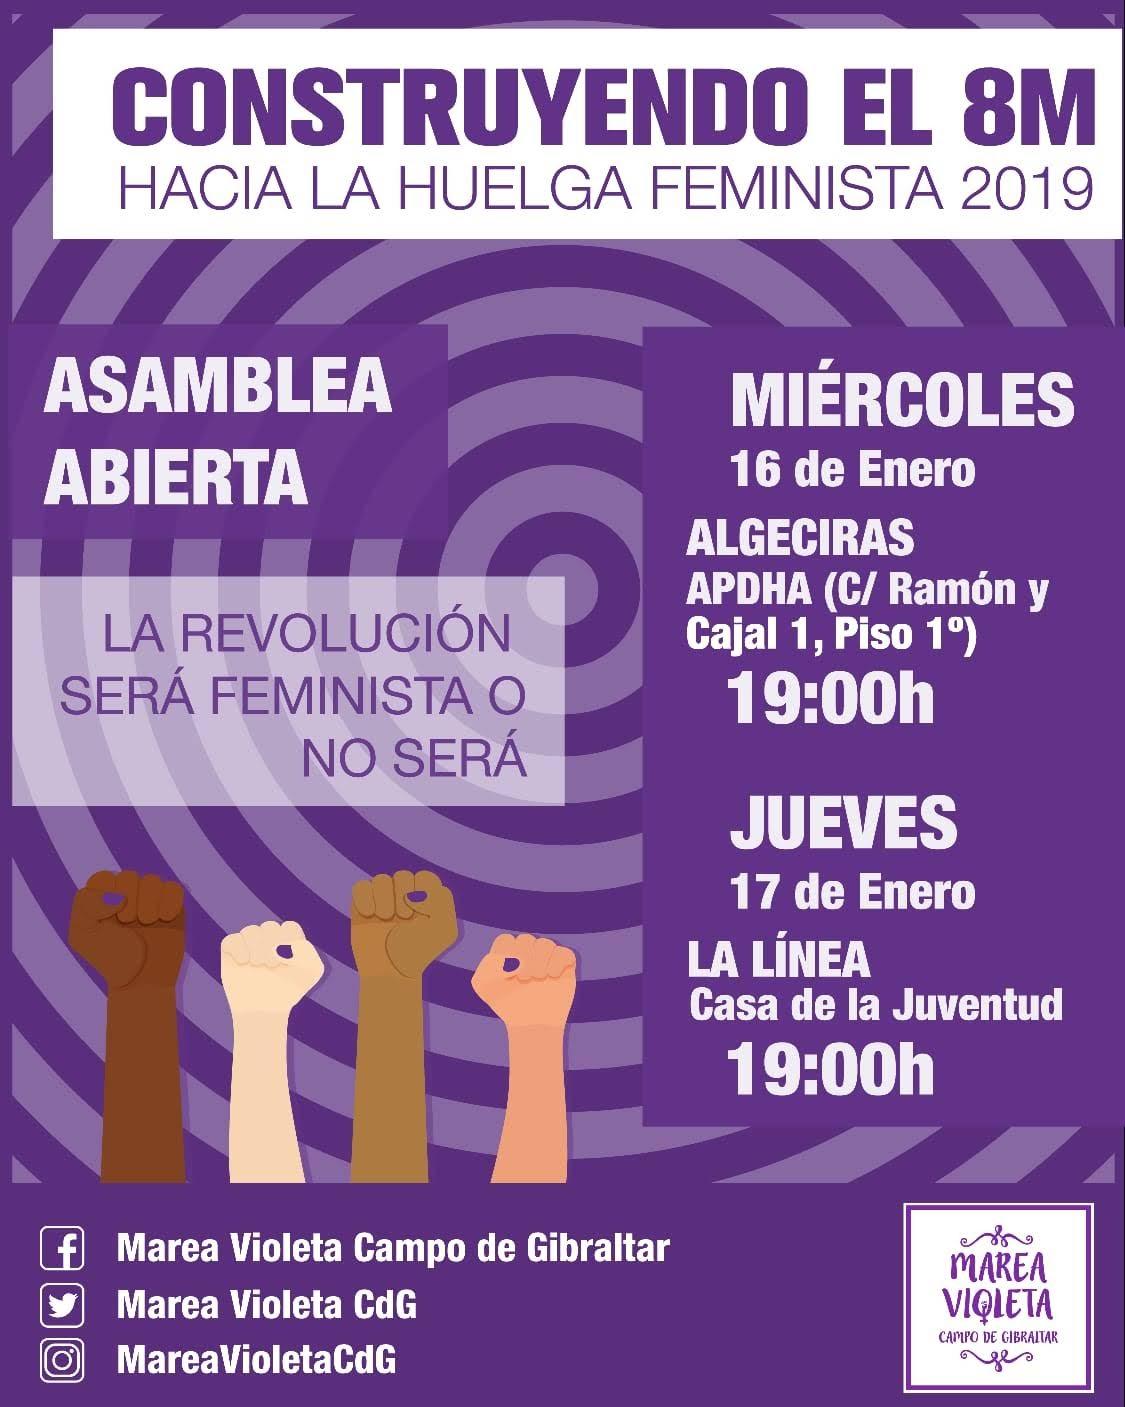 Marea Violeta hace un llamamiento a la comarca para construir la huelga feminista del 8 de marzo